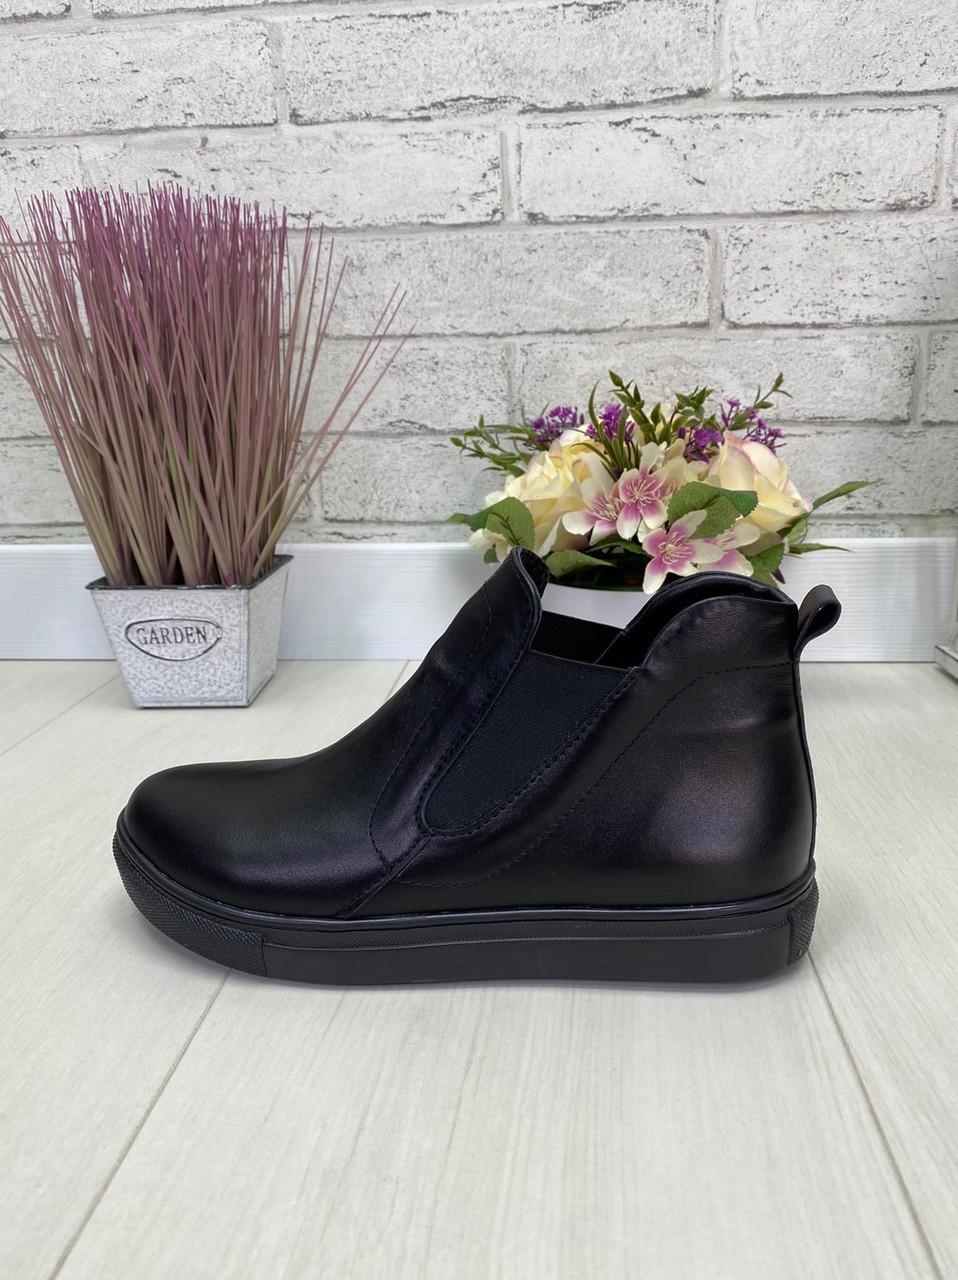 39 р. Ботинки женские деми черные кожаные на низком ходу, демисезонные ,из натуральной кожи, натуральная кожа